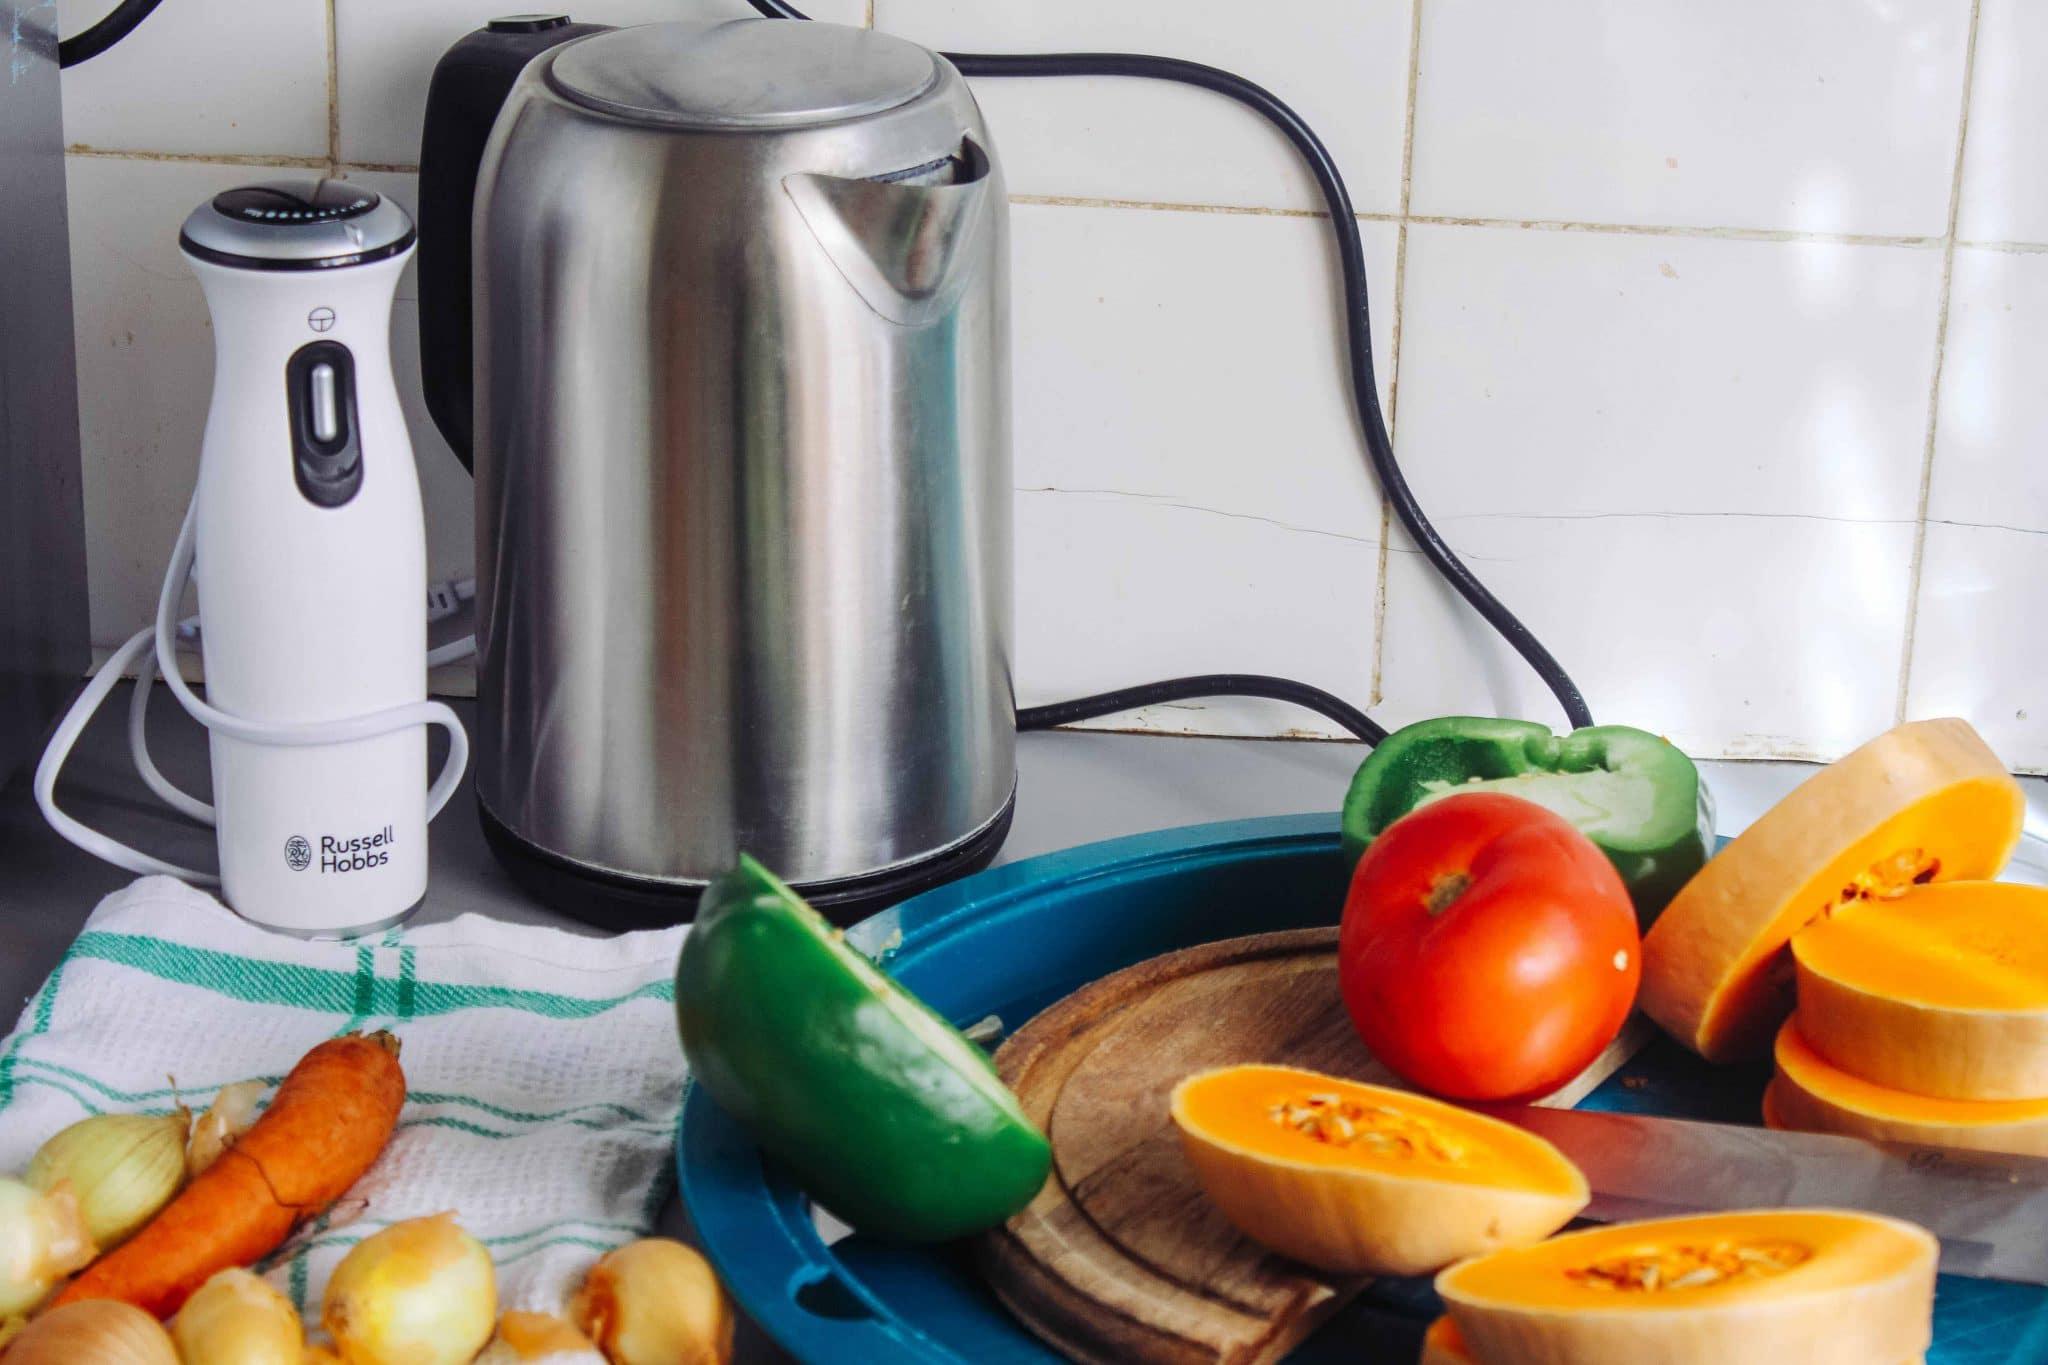 Czajnik elektryczny na blacie w kuchni